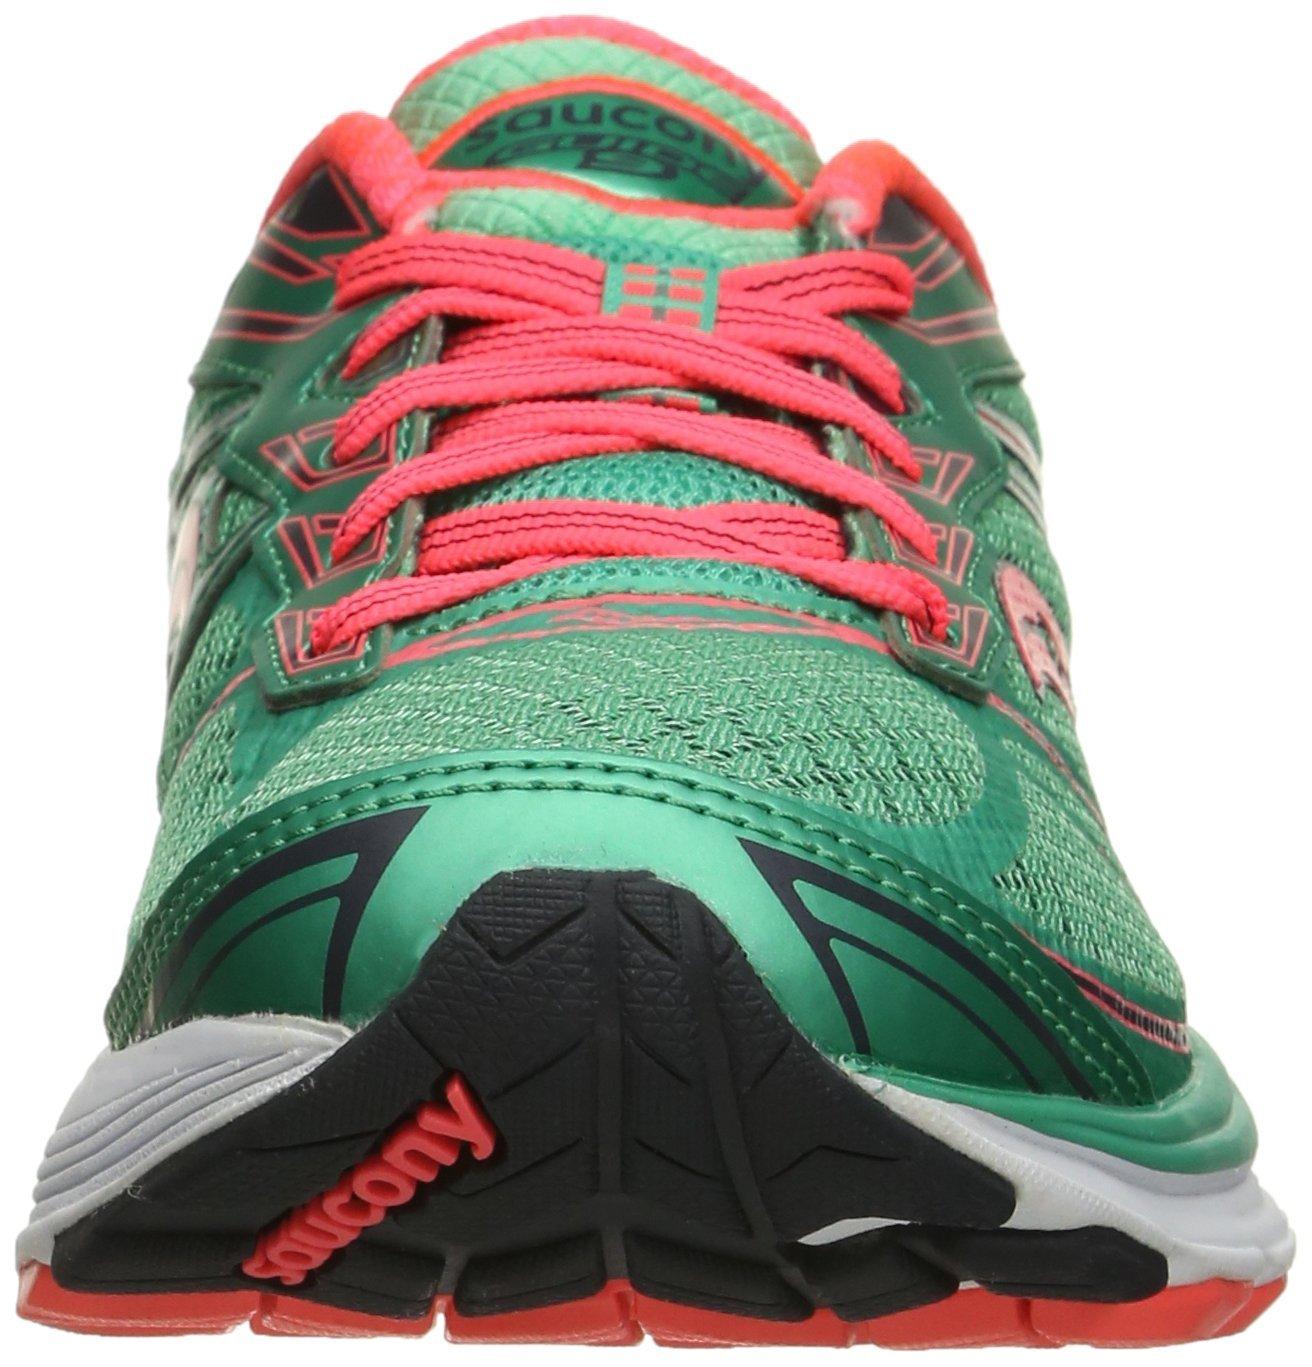 nike skor för pronation